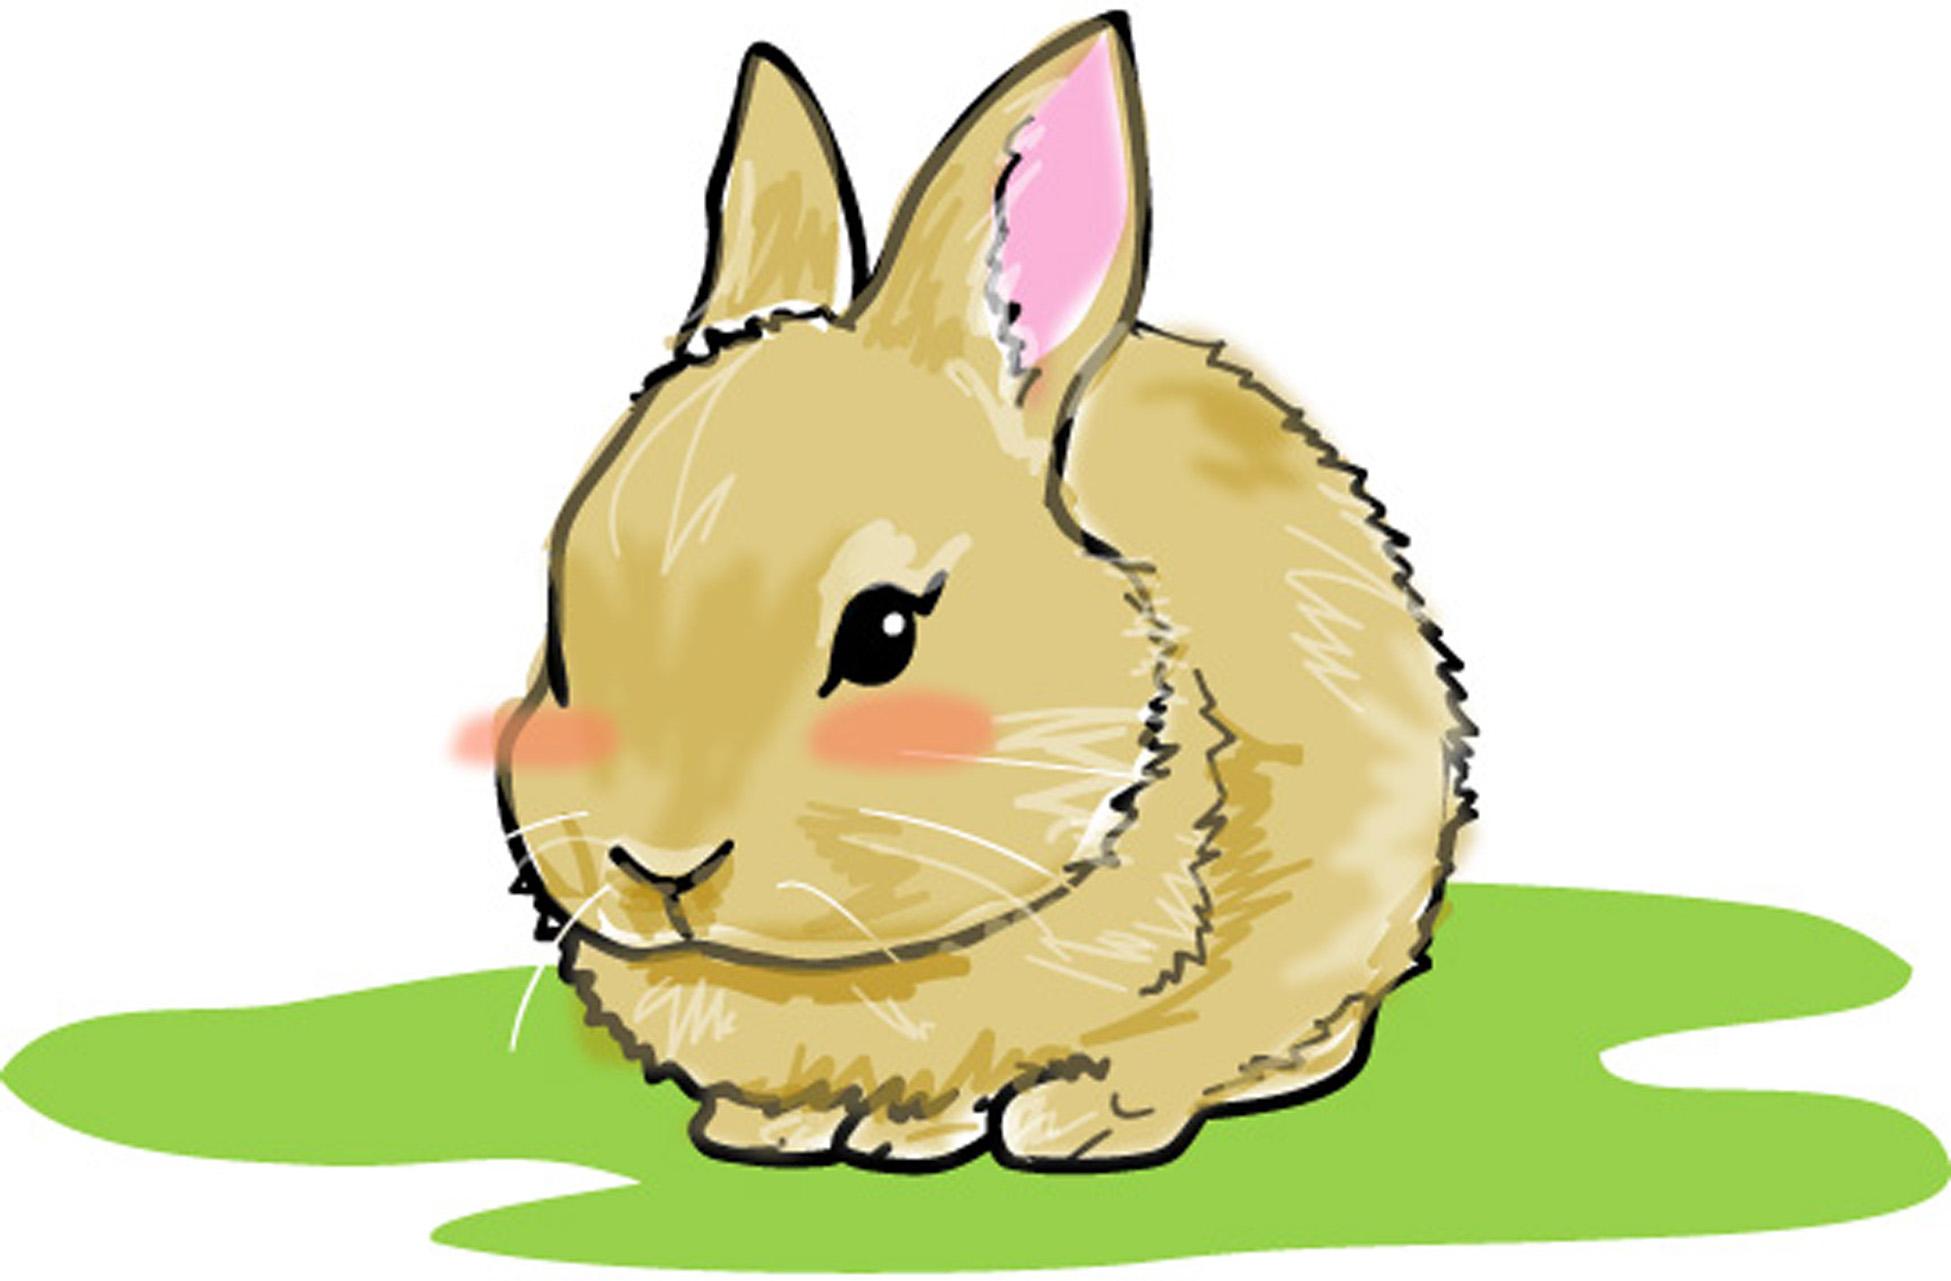 動物の印刷用イラスト素材「芝生のうさぎ」ダウンロード